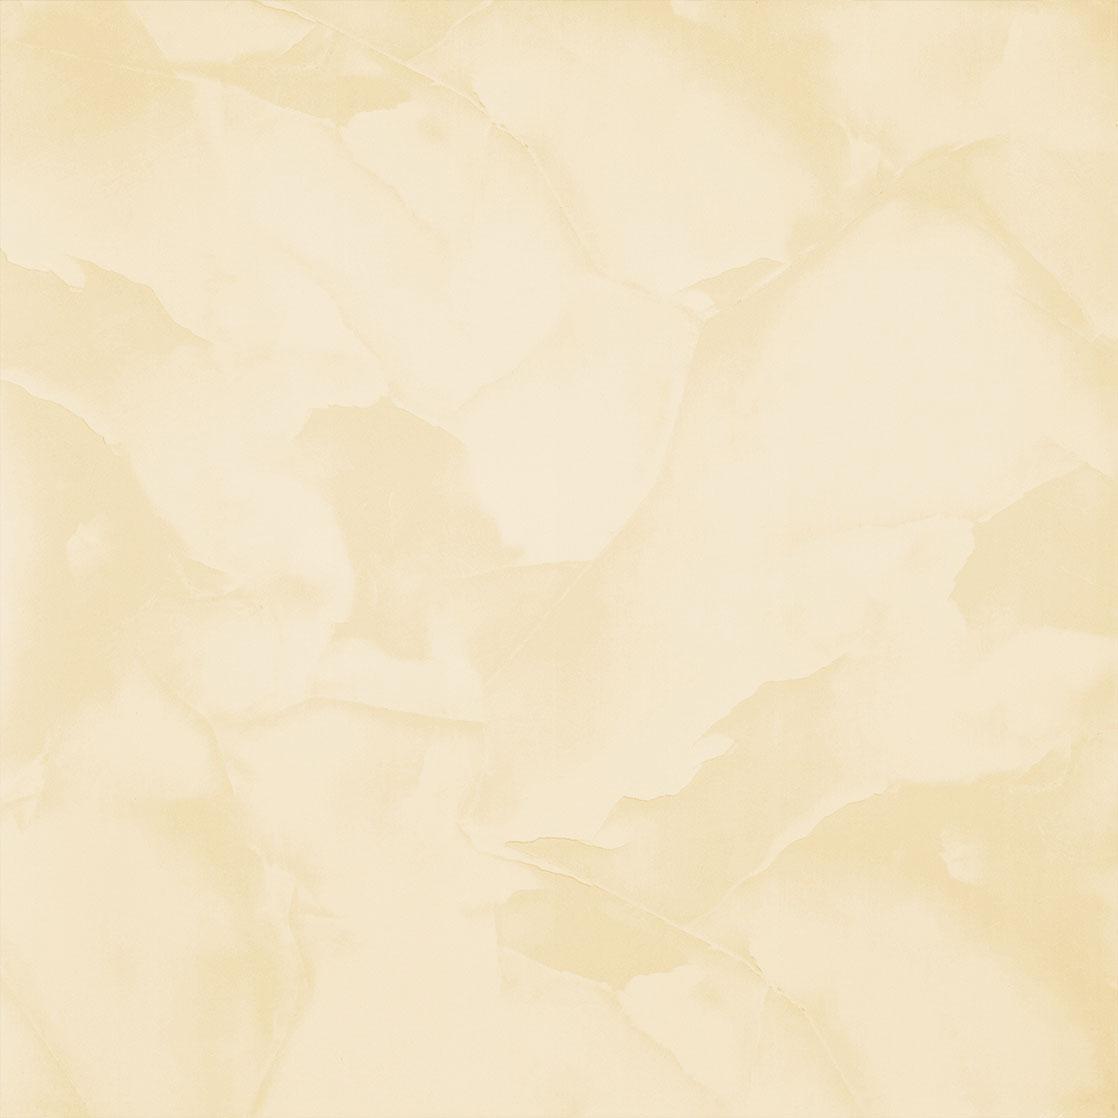 Gạch lát nền 60x60 Viglacera B6007 giá rẻ